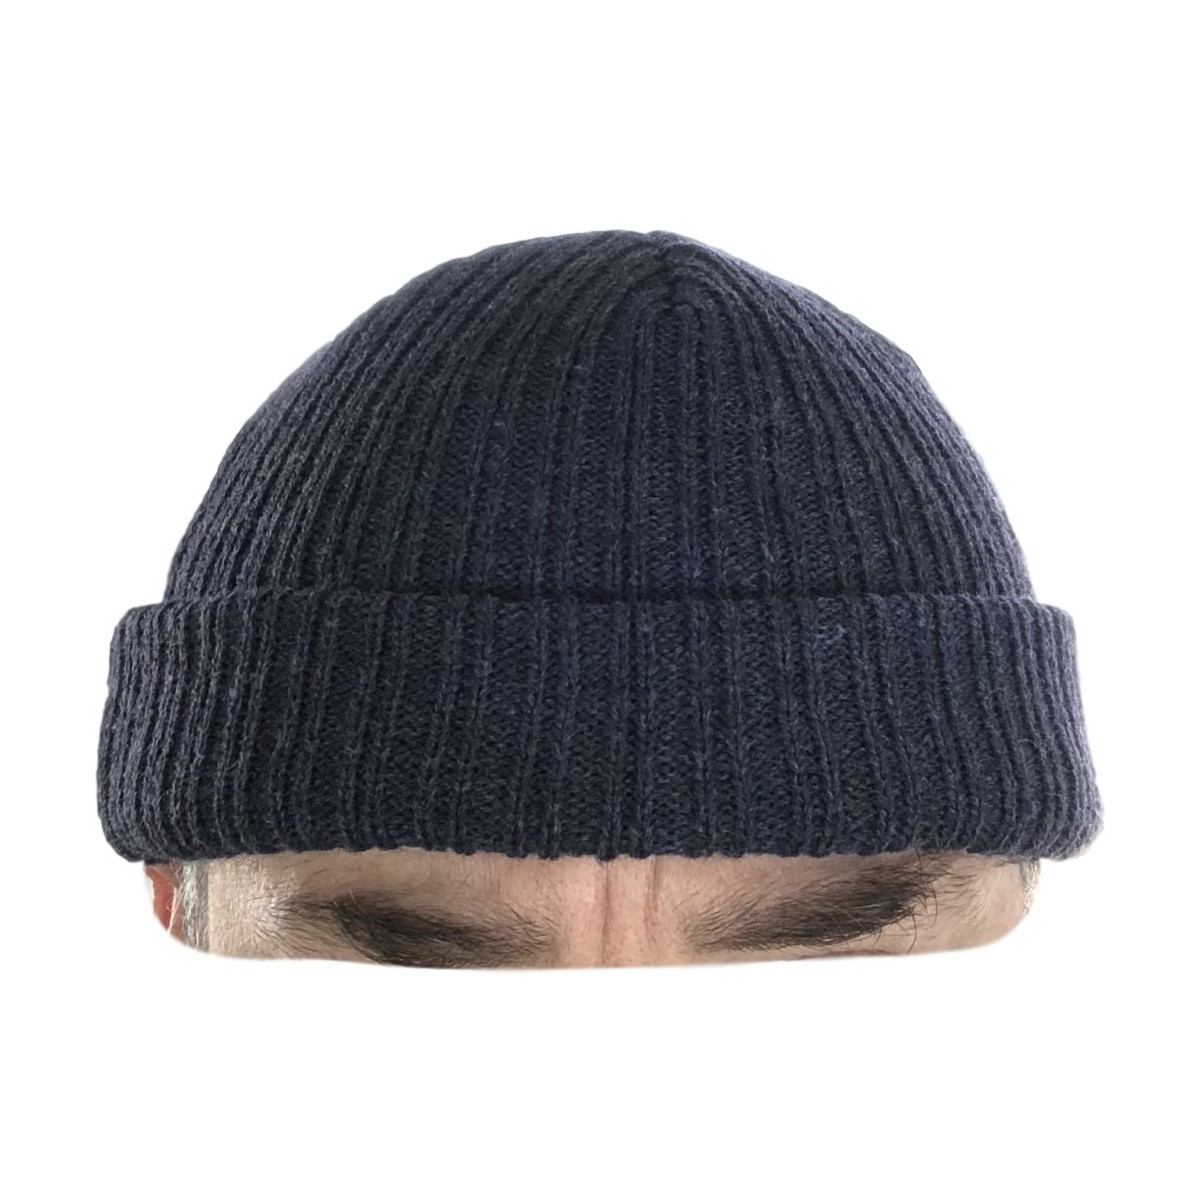 Watch cap warm